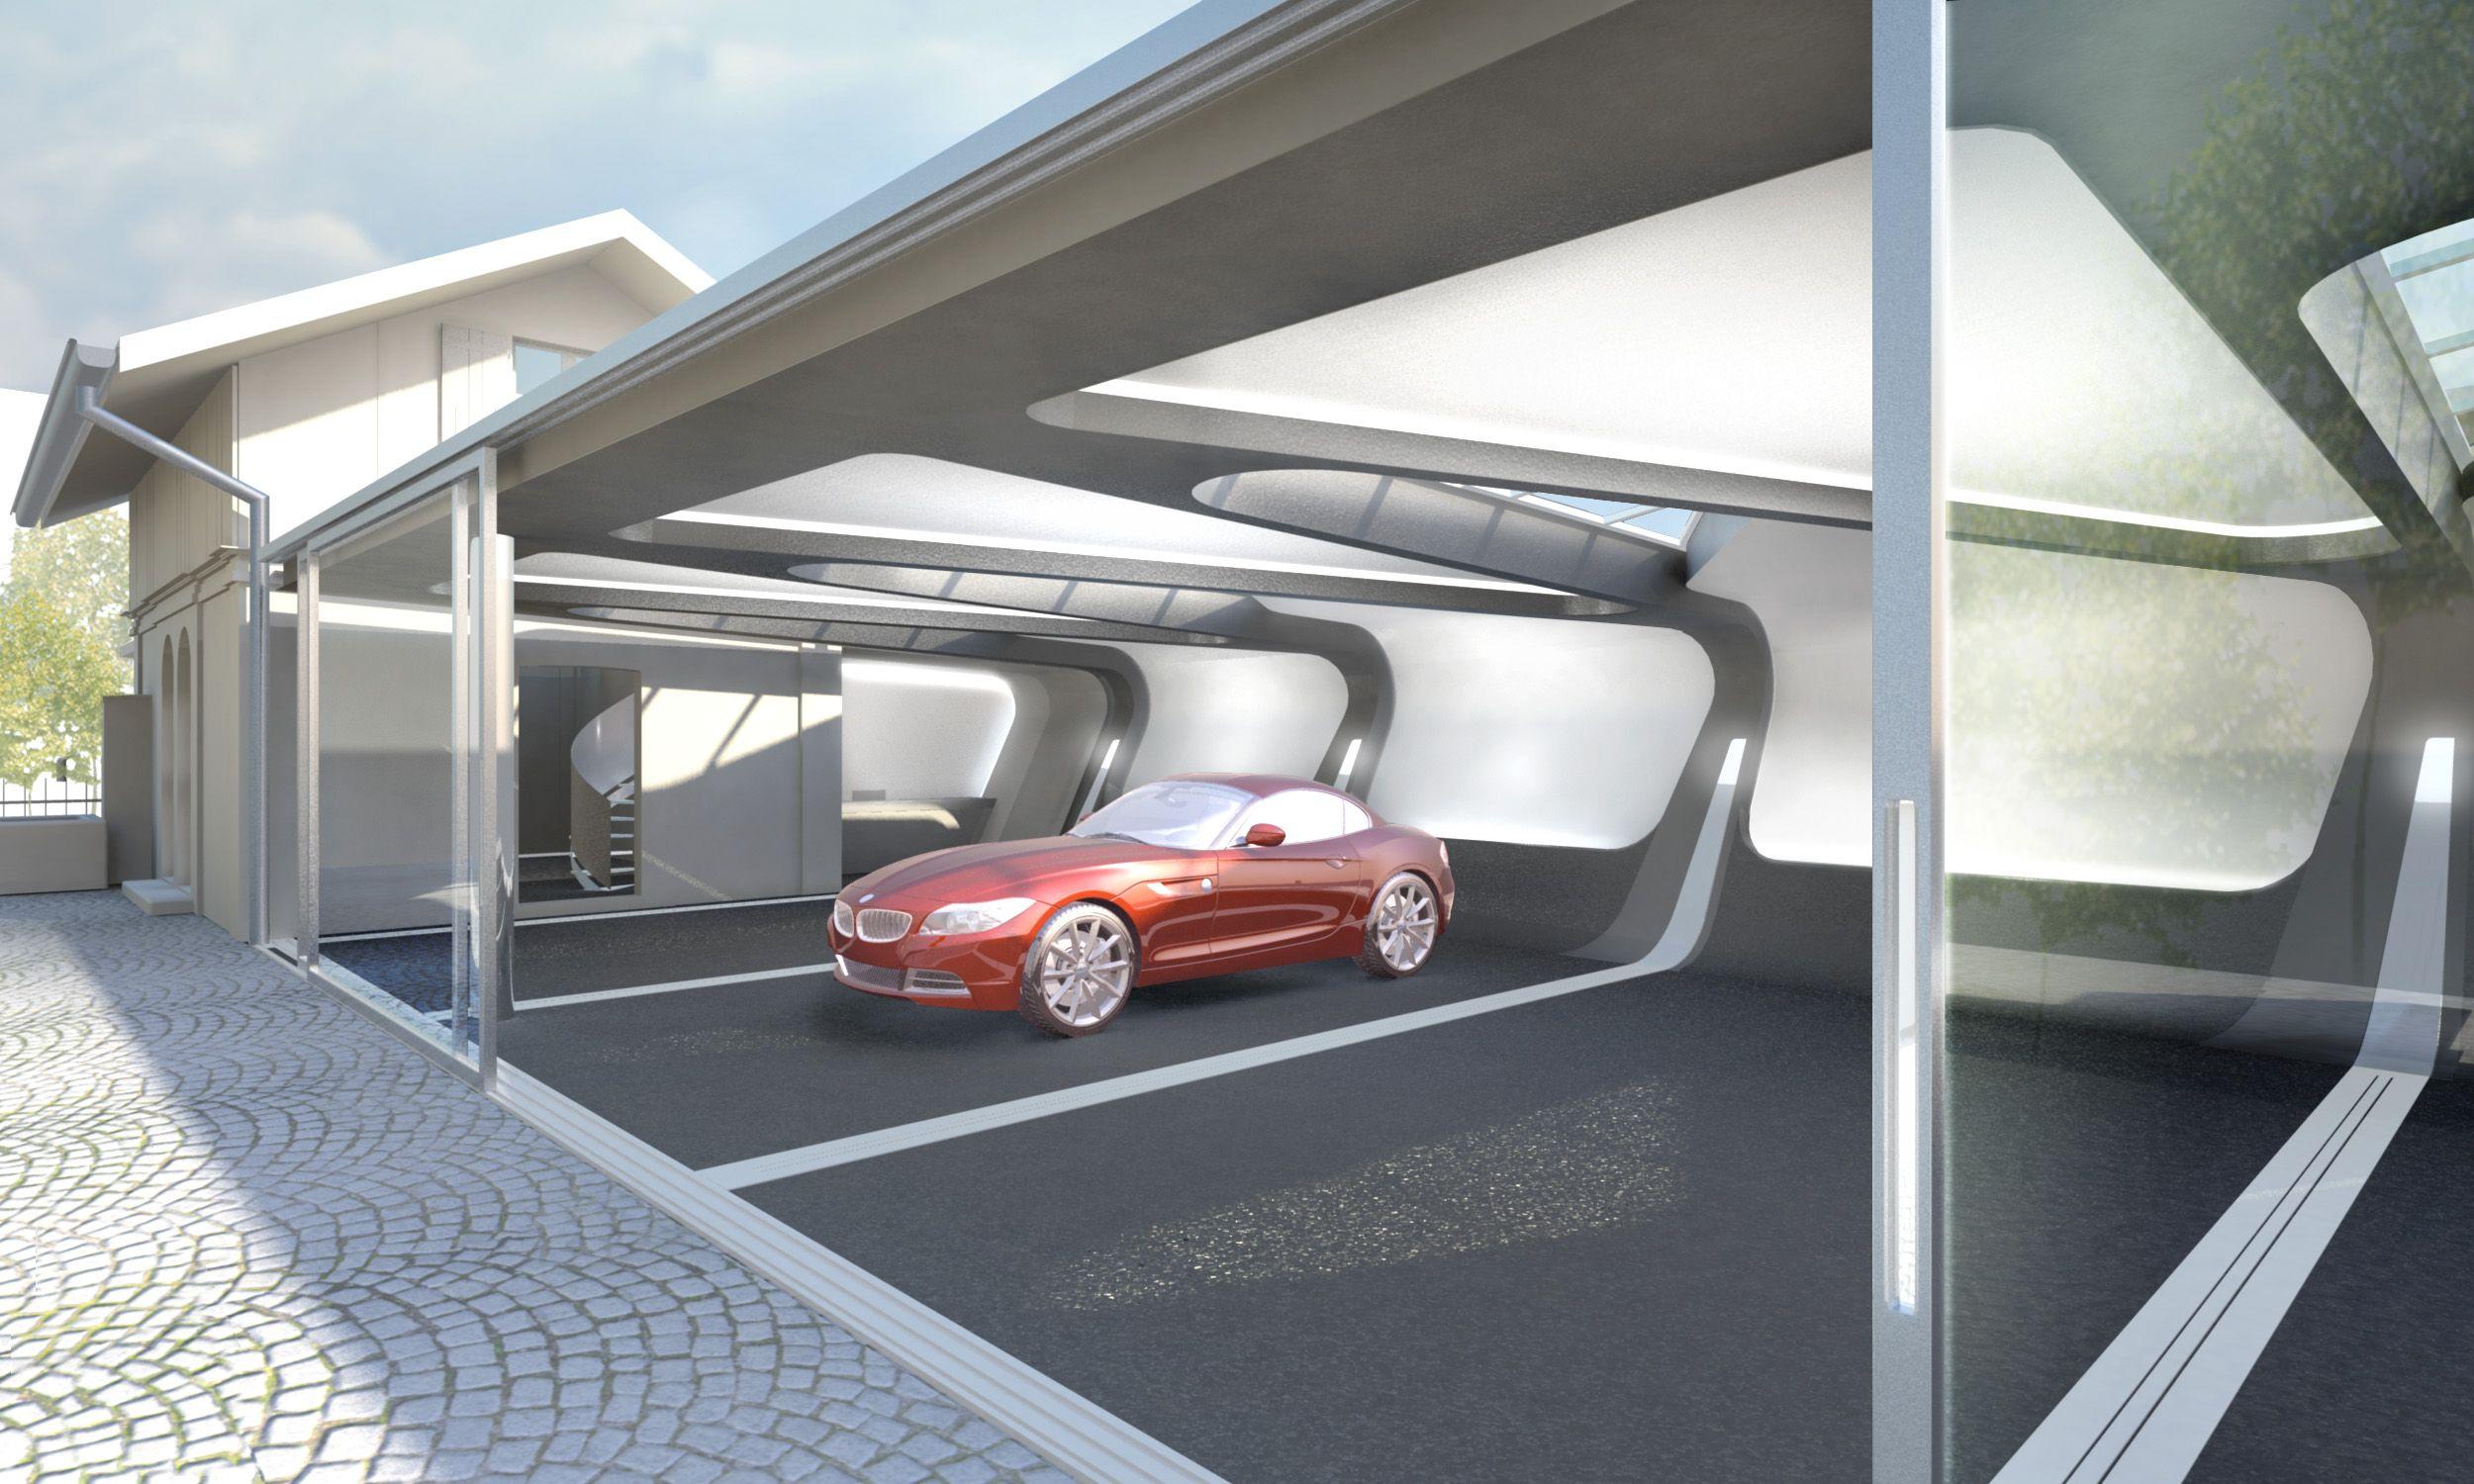 Design of car parking - Image Result For Parking Interior Design